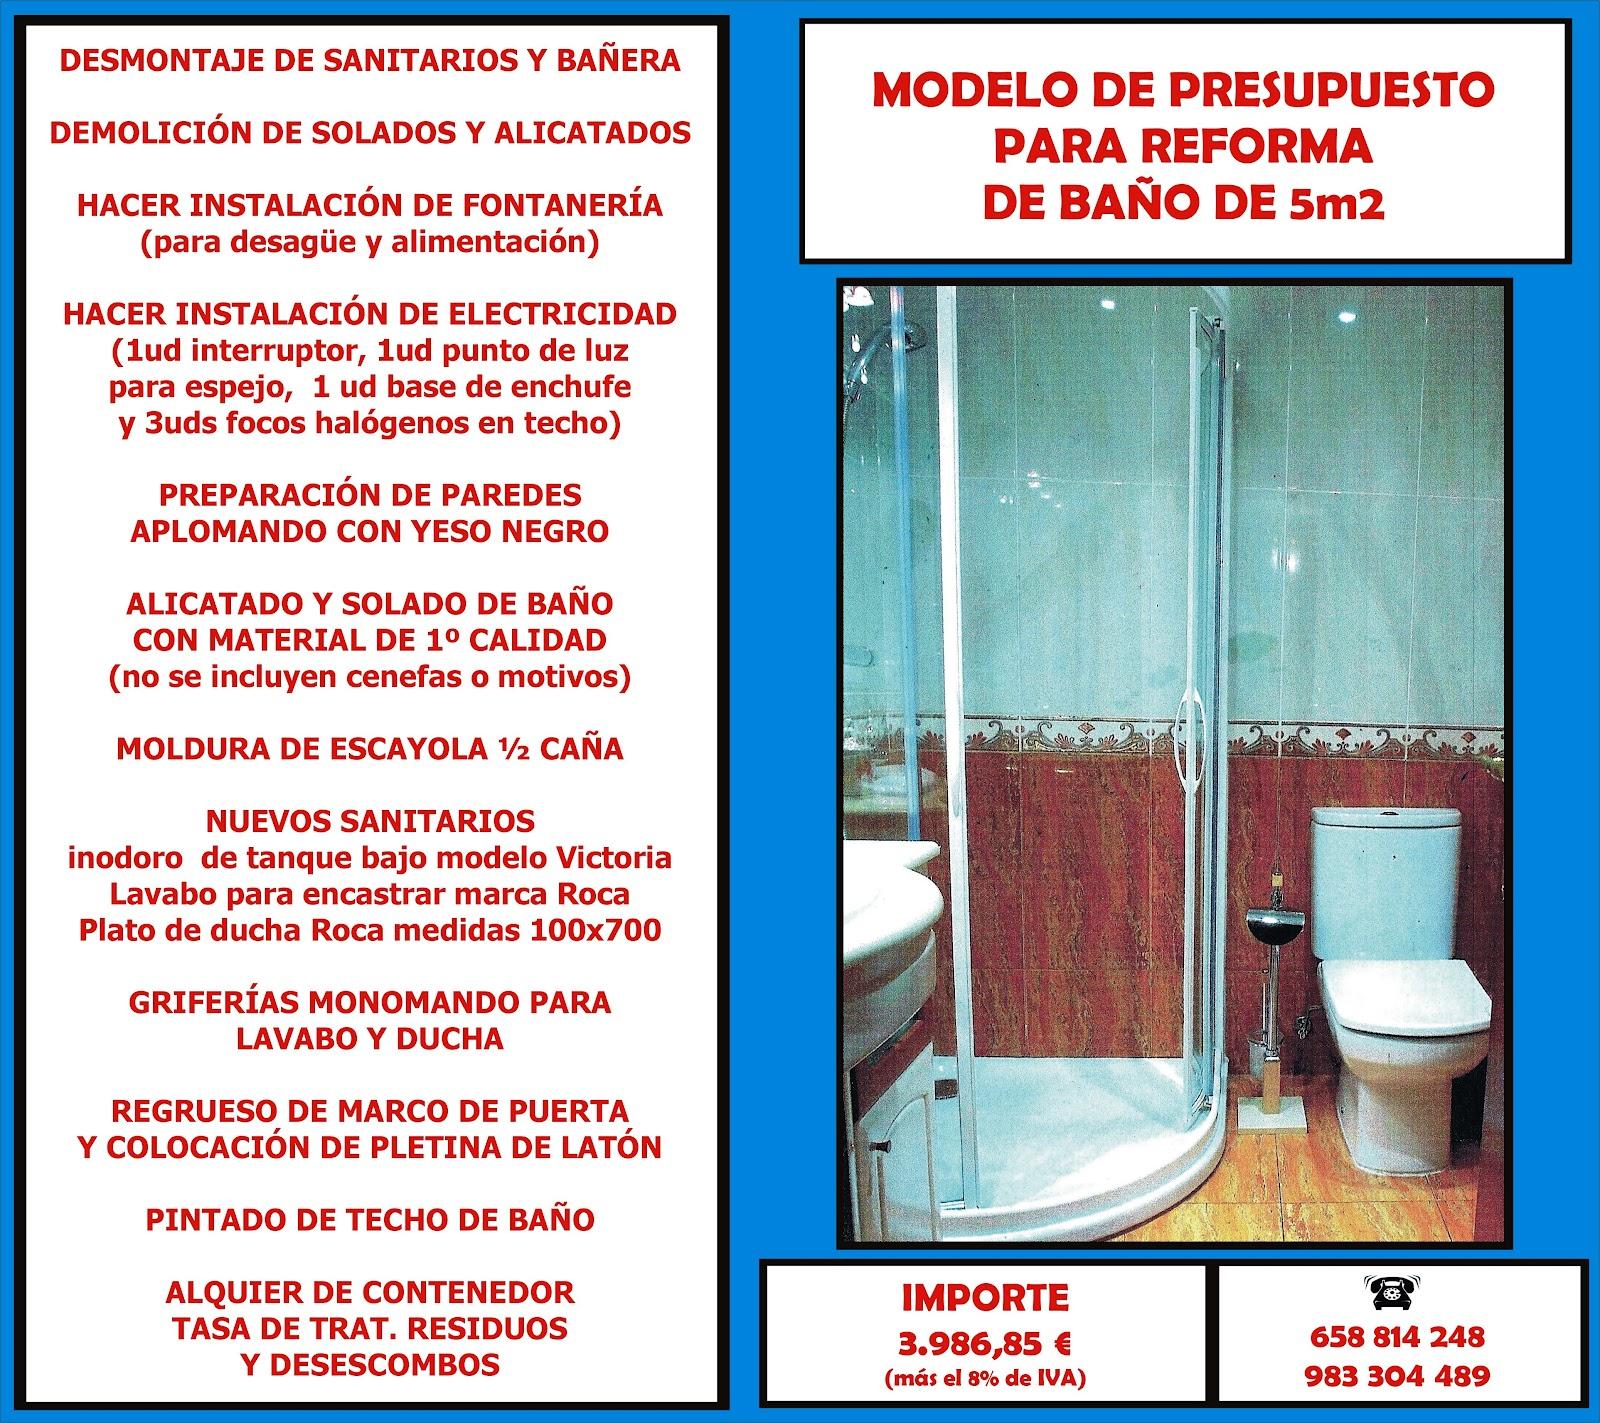 Castellana De Reparaciones Ejemplos De Presupuesto ~ Ejemplo De Un Presupuesto Reforma Baño